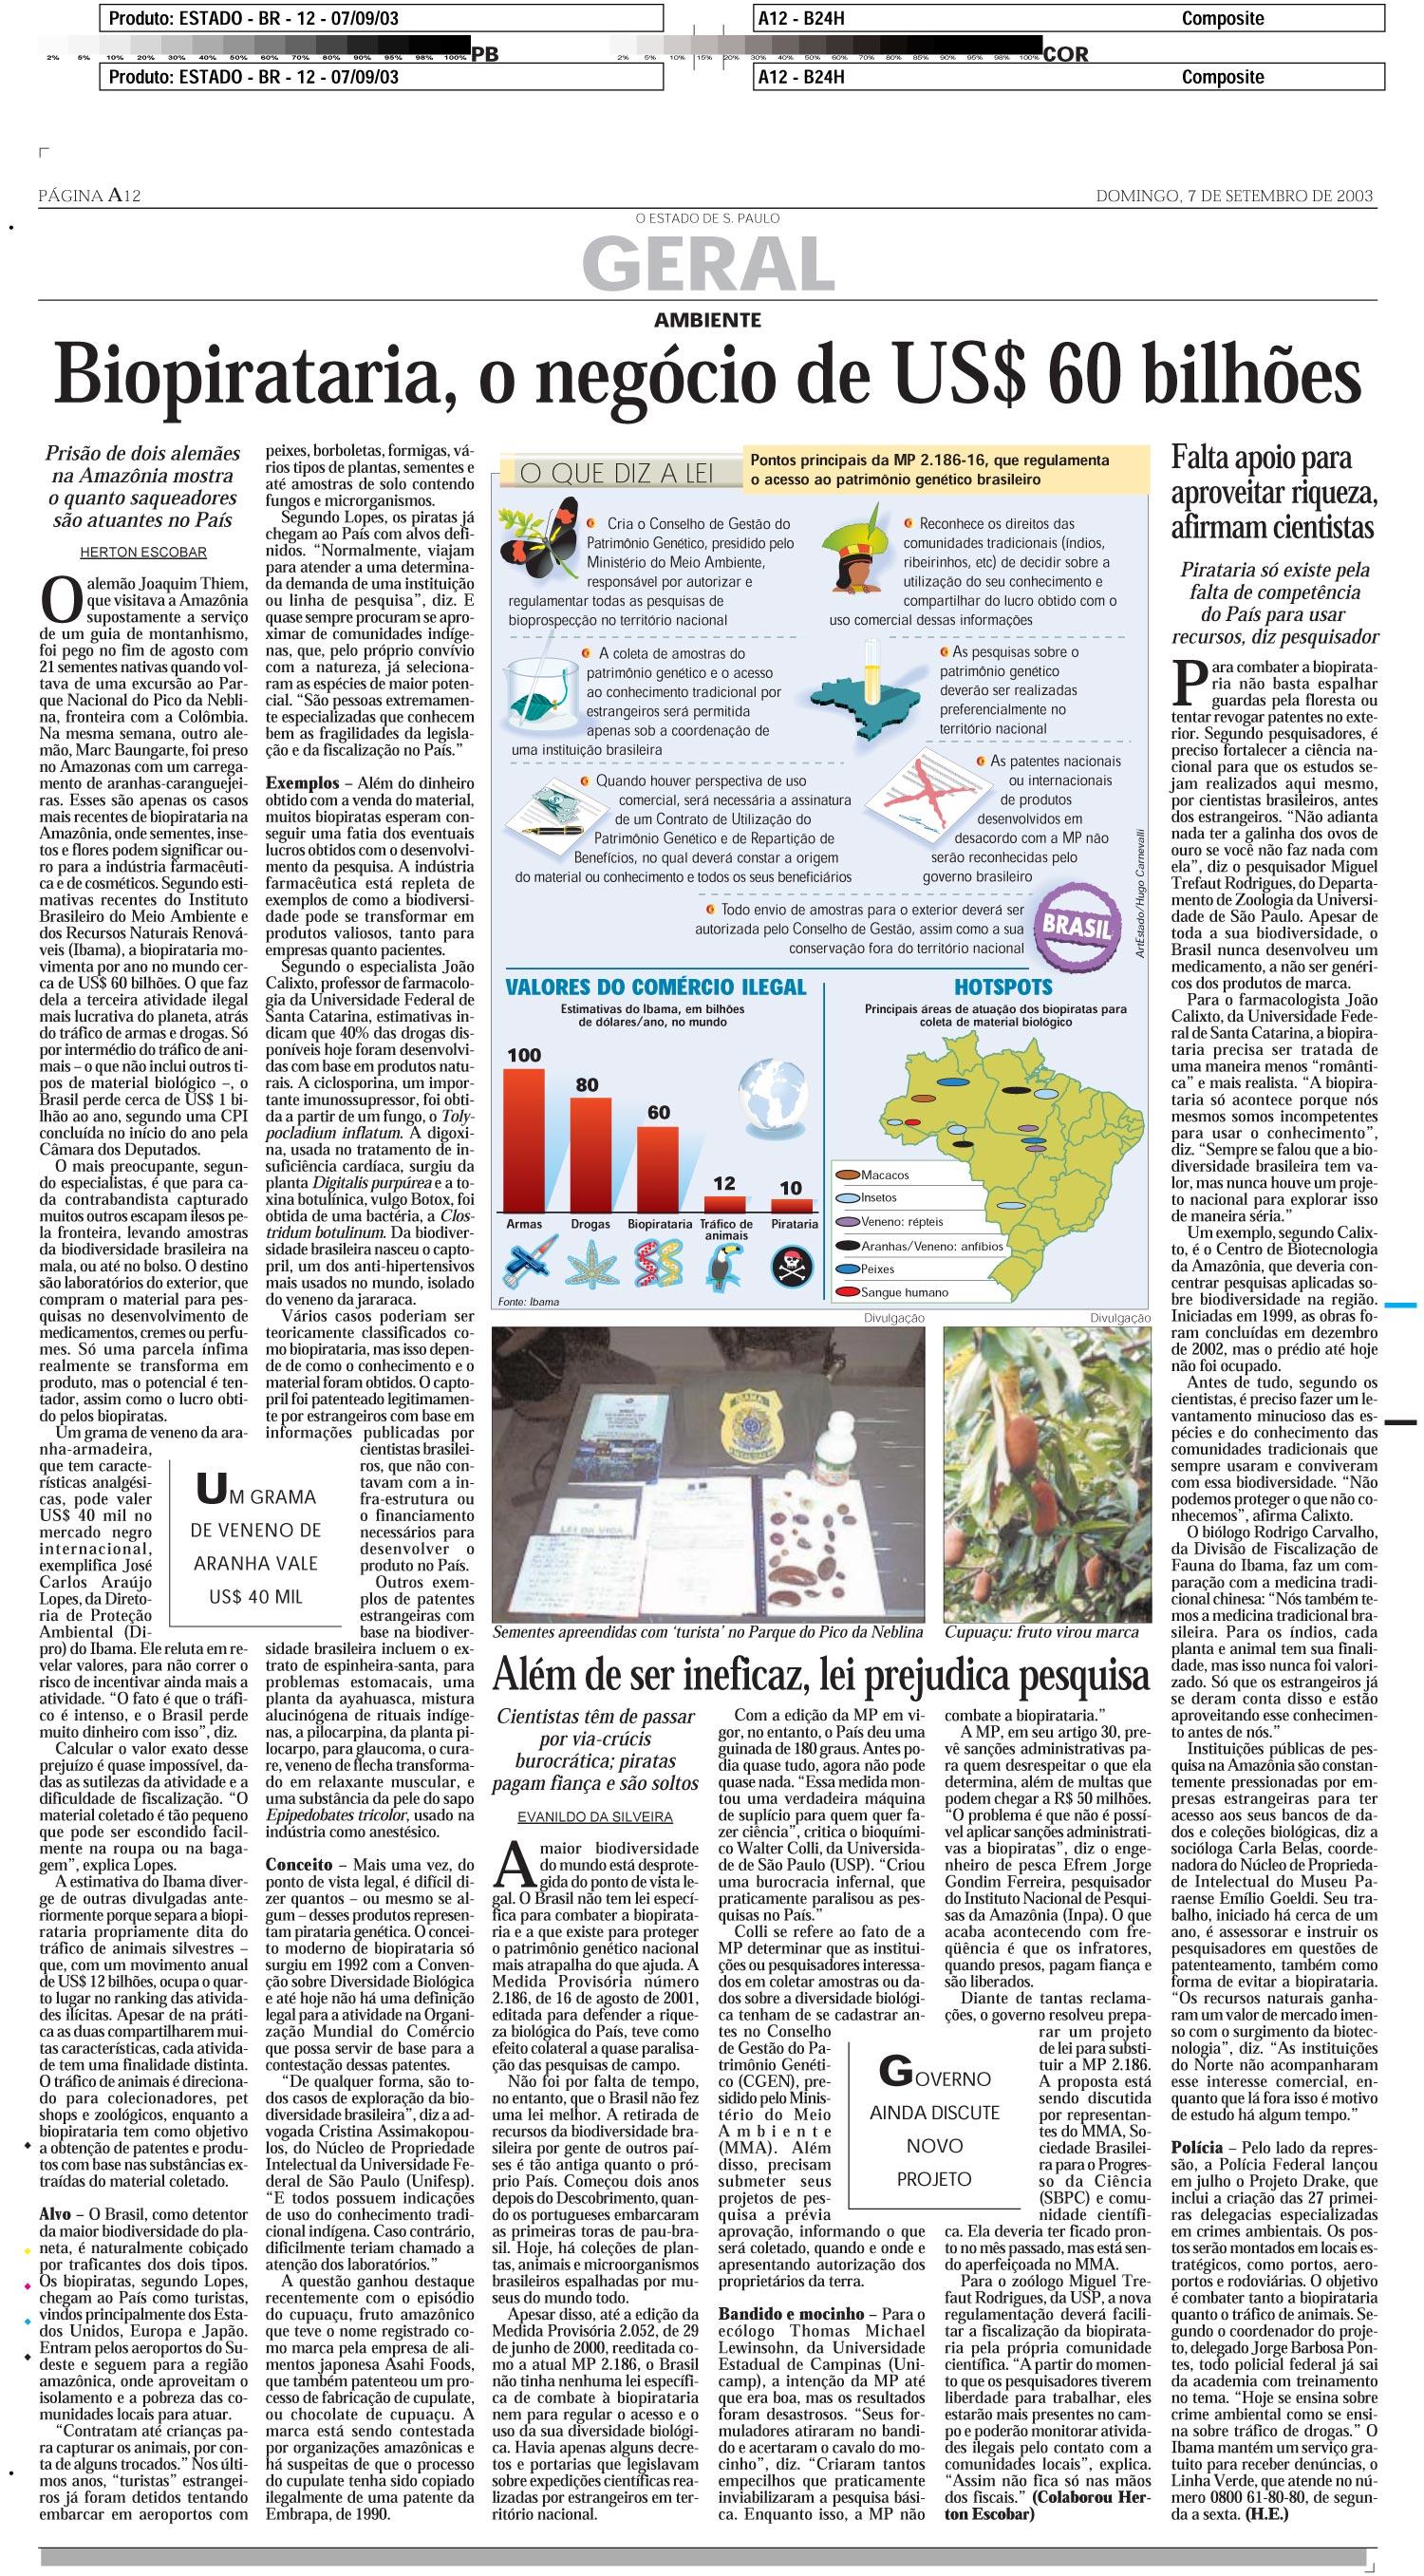 Biopirataria, o negócio de US$ 60 bilhões